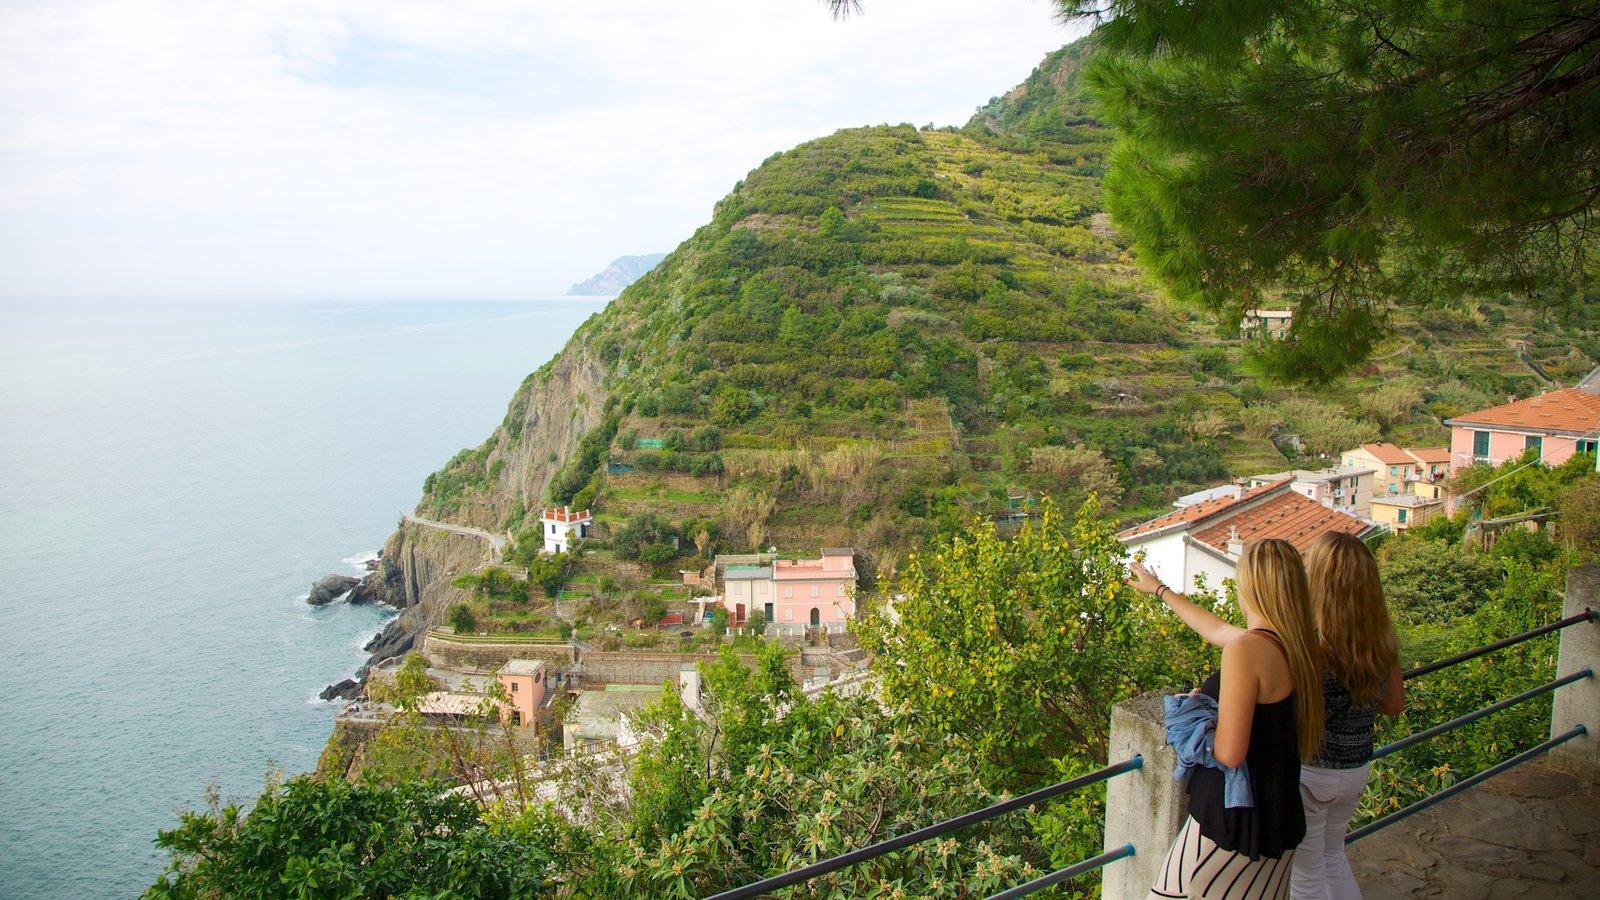 Riomaggiore mostrando montanhas, litoral rochoso e uma cidade litorânea